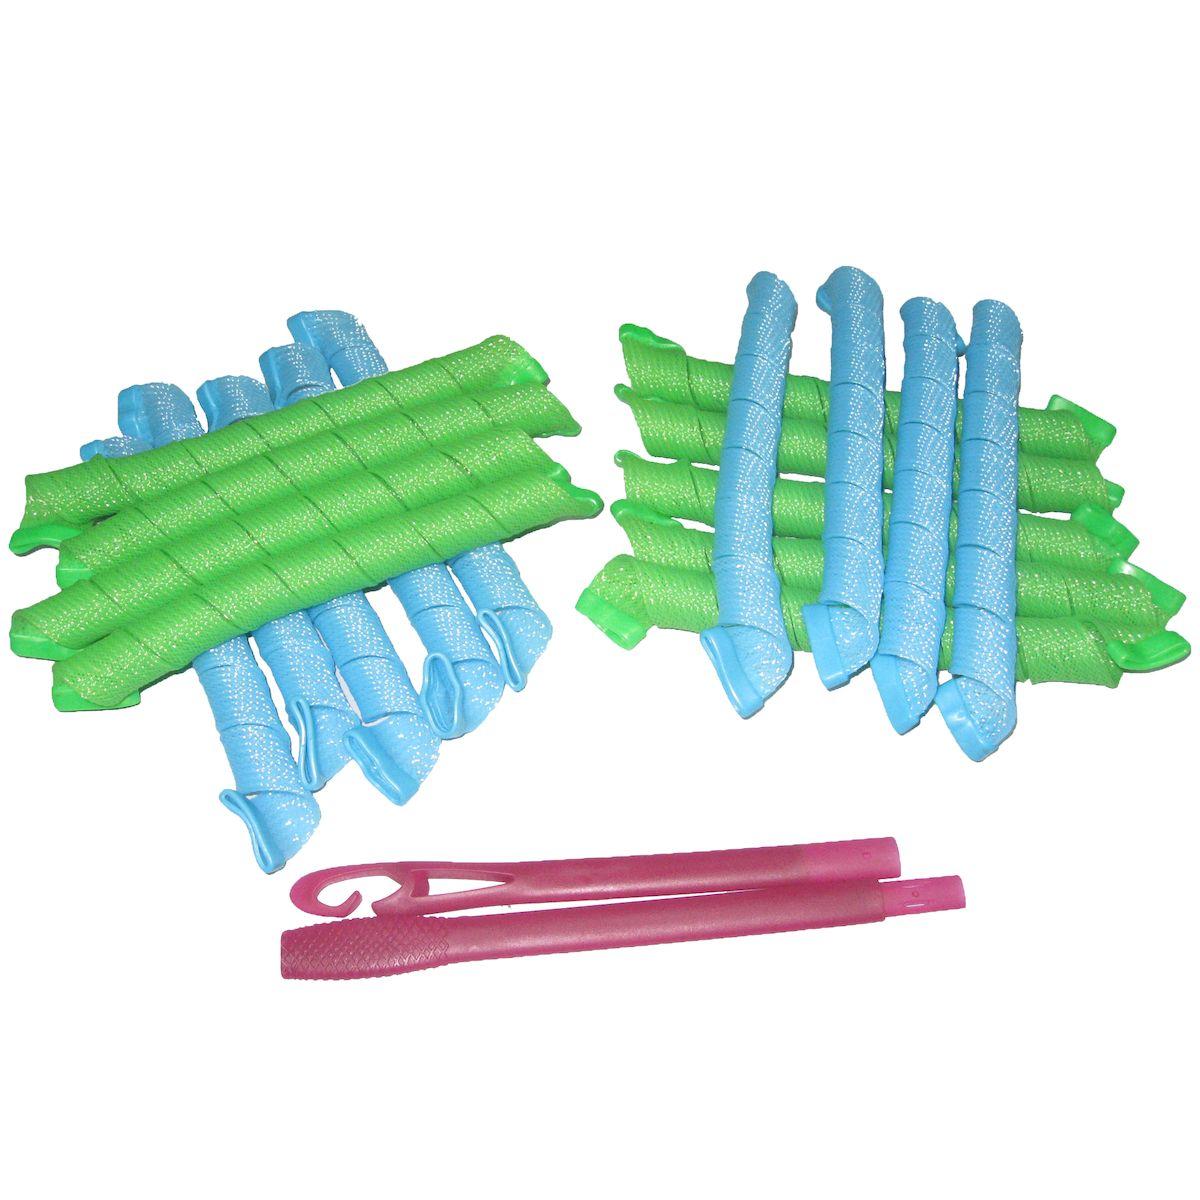 Magic Leverage Волшебные бигуди Средние 44 см, 18 штСр44Создают большой объем, обеспечивают бережное отношение к волосам, легки в использовании. В упаковке 18 цветных бигуди, длиной 44 см (в развернутой виде), и специальный крючок. При использовании, желательно, чтобы влажность волос была в пределах 60-70%. Характеристики: Длина: 44 см Ширина локона: 2 см Диаметр завитка: 2,2 см Количество: 18 шт. Крючок: двойной Упаковка: коробка